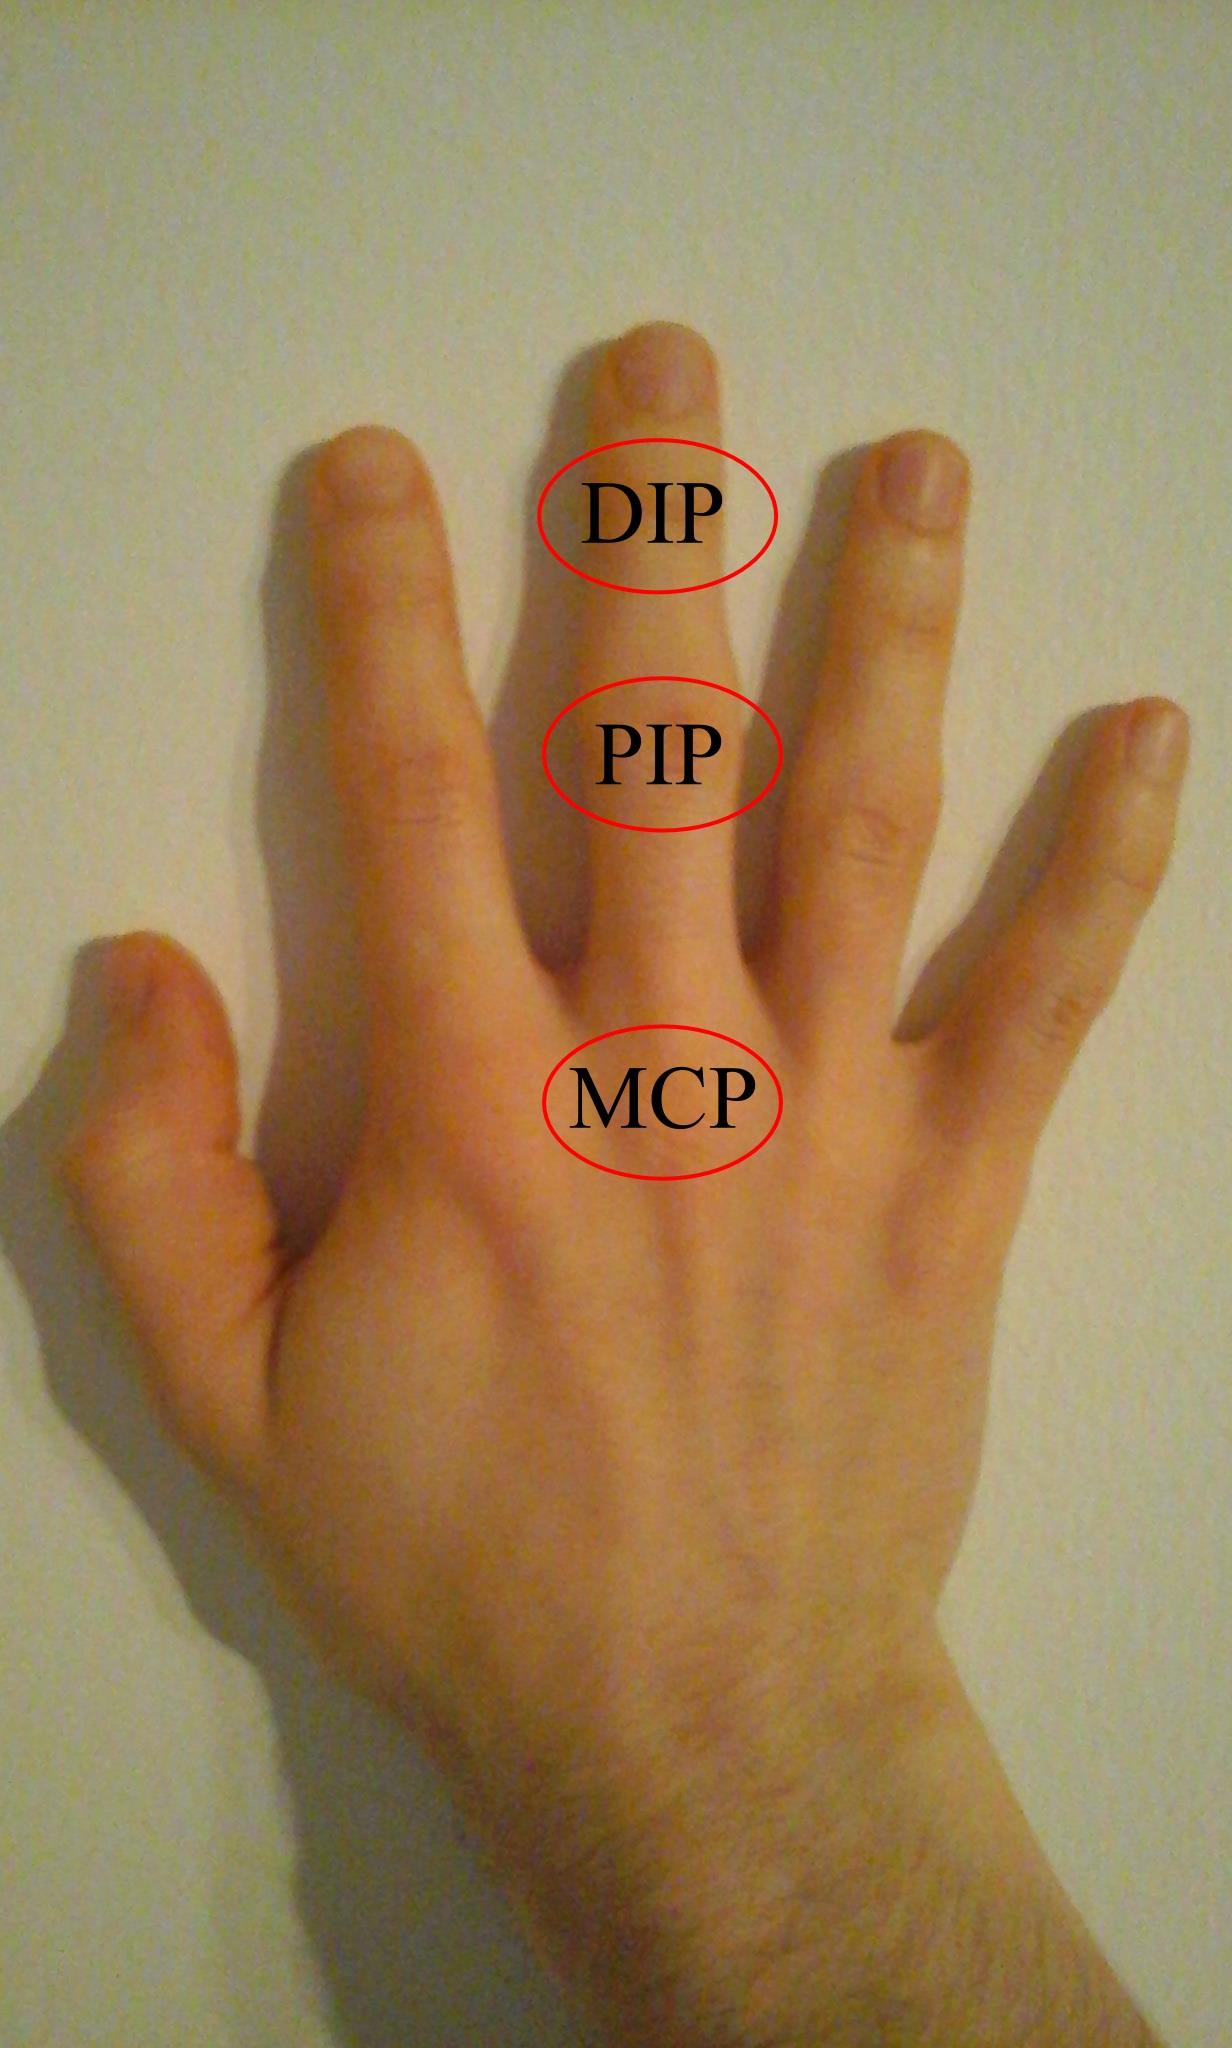 fáj a bal kéz középső ujján lévő ízület fertőzések fájnak ízületeket